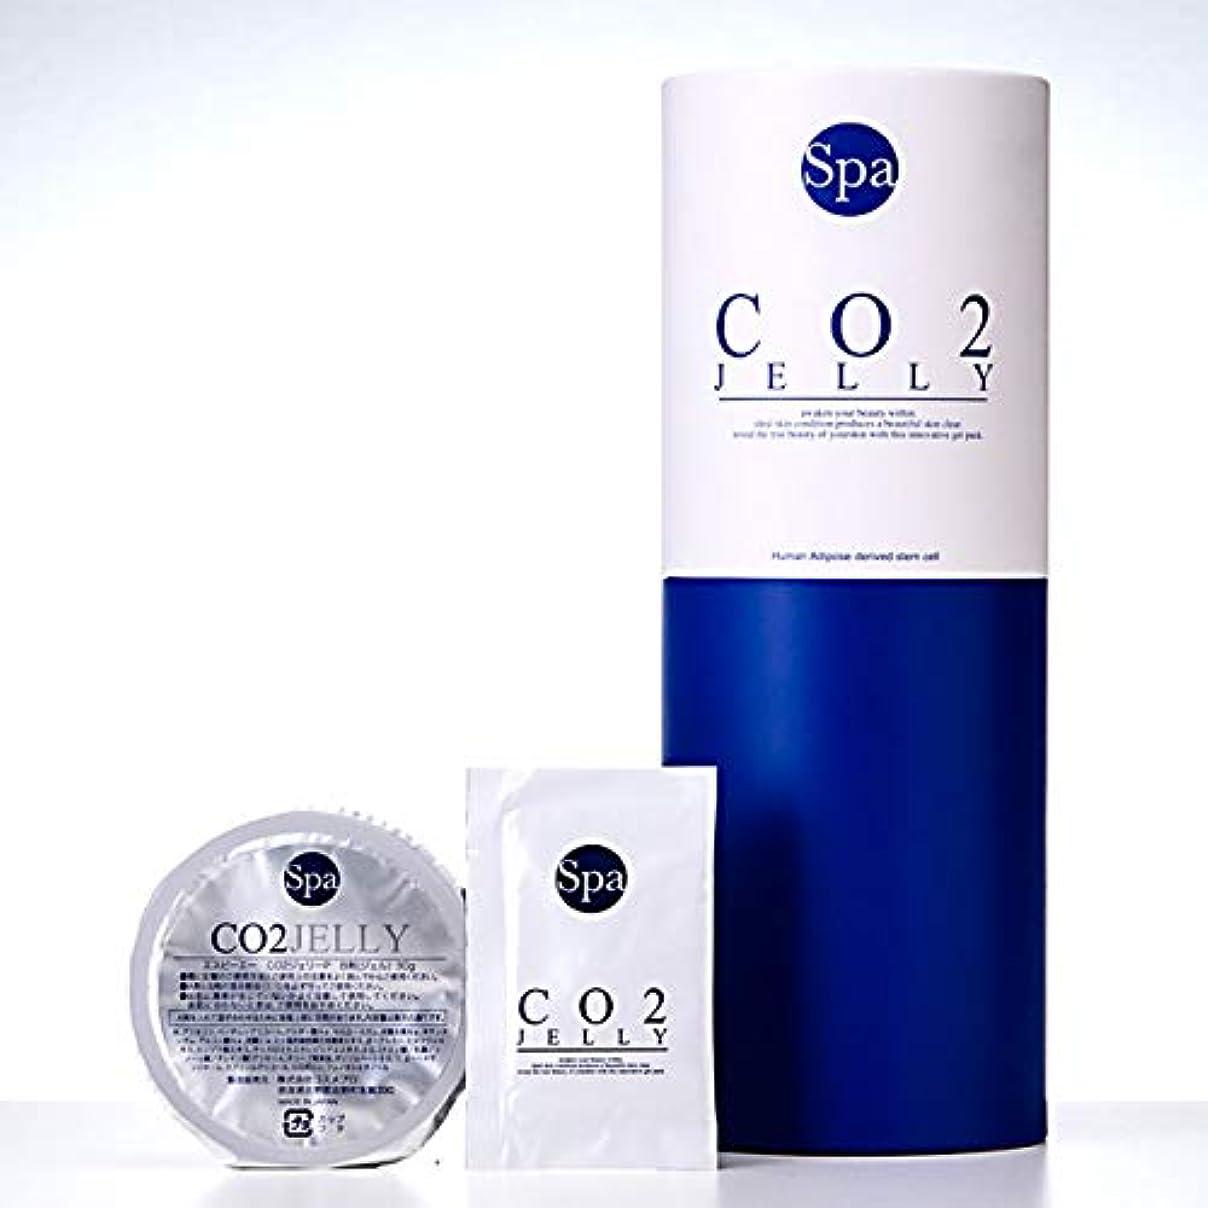 バーターフィッティング活気づけるSpa(エスピーエー)CO2 JELLY ジェリー (5回分)日本製 炭酸パック ジェル